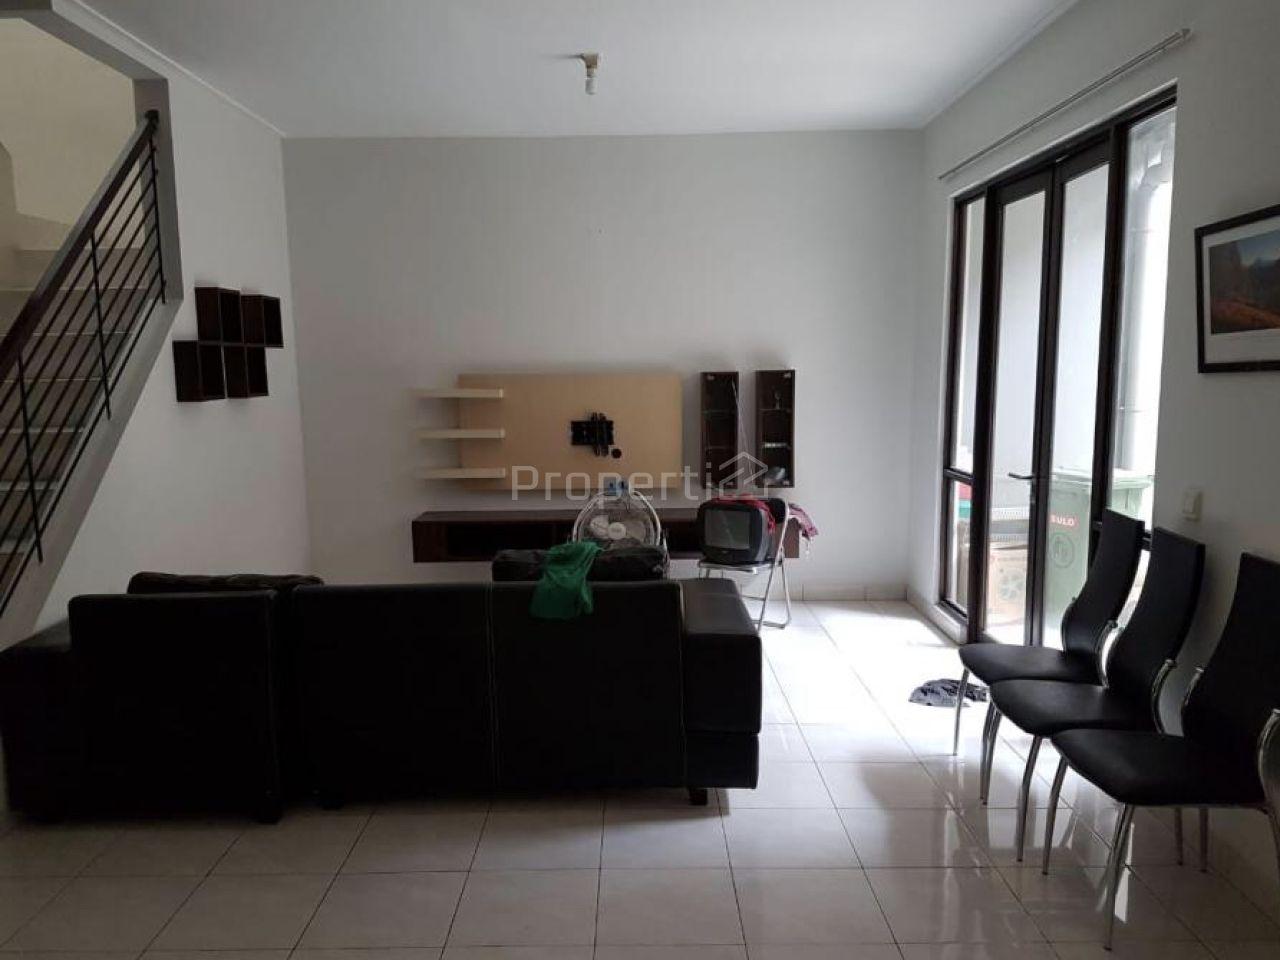 Rumah 2 Lantai di Cluster Giardina, BSD City, Banten